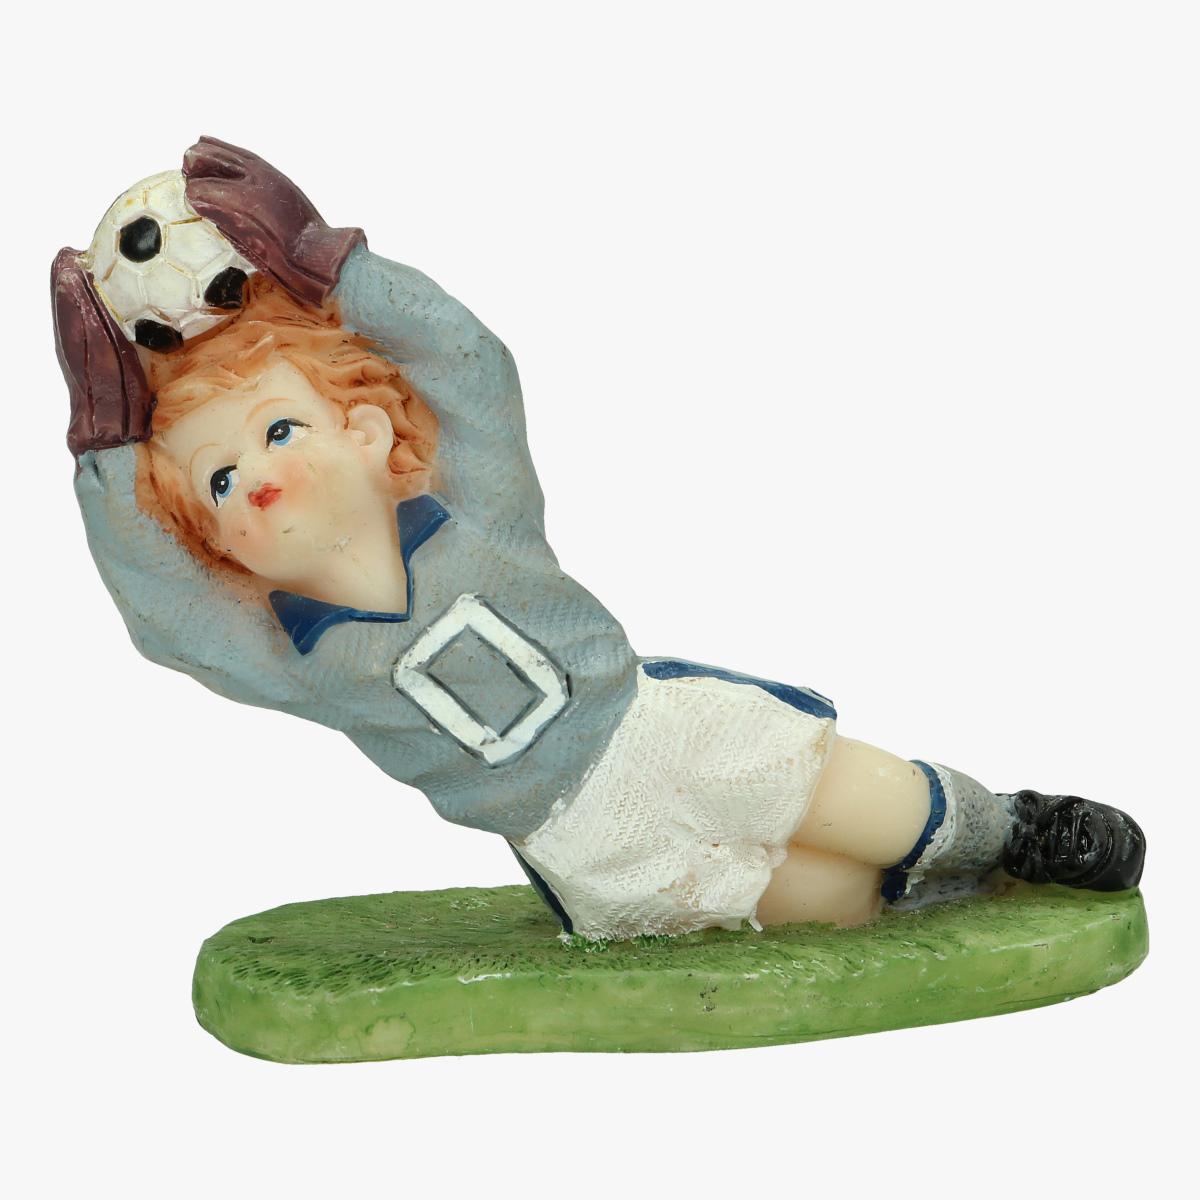 Afbeeldingen van beeldje keeper voetbal